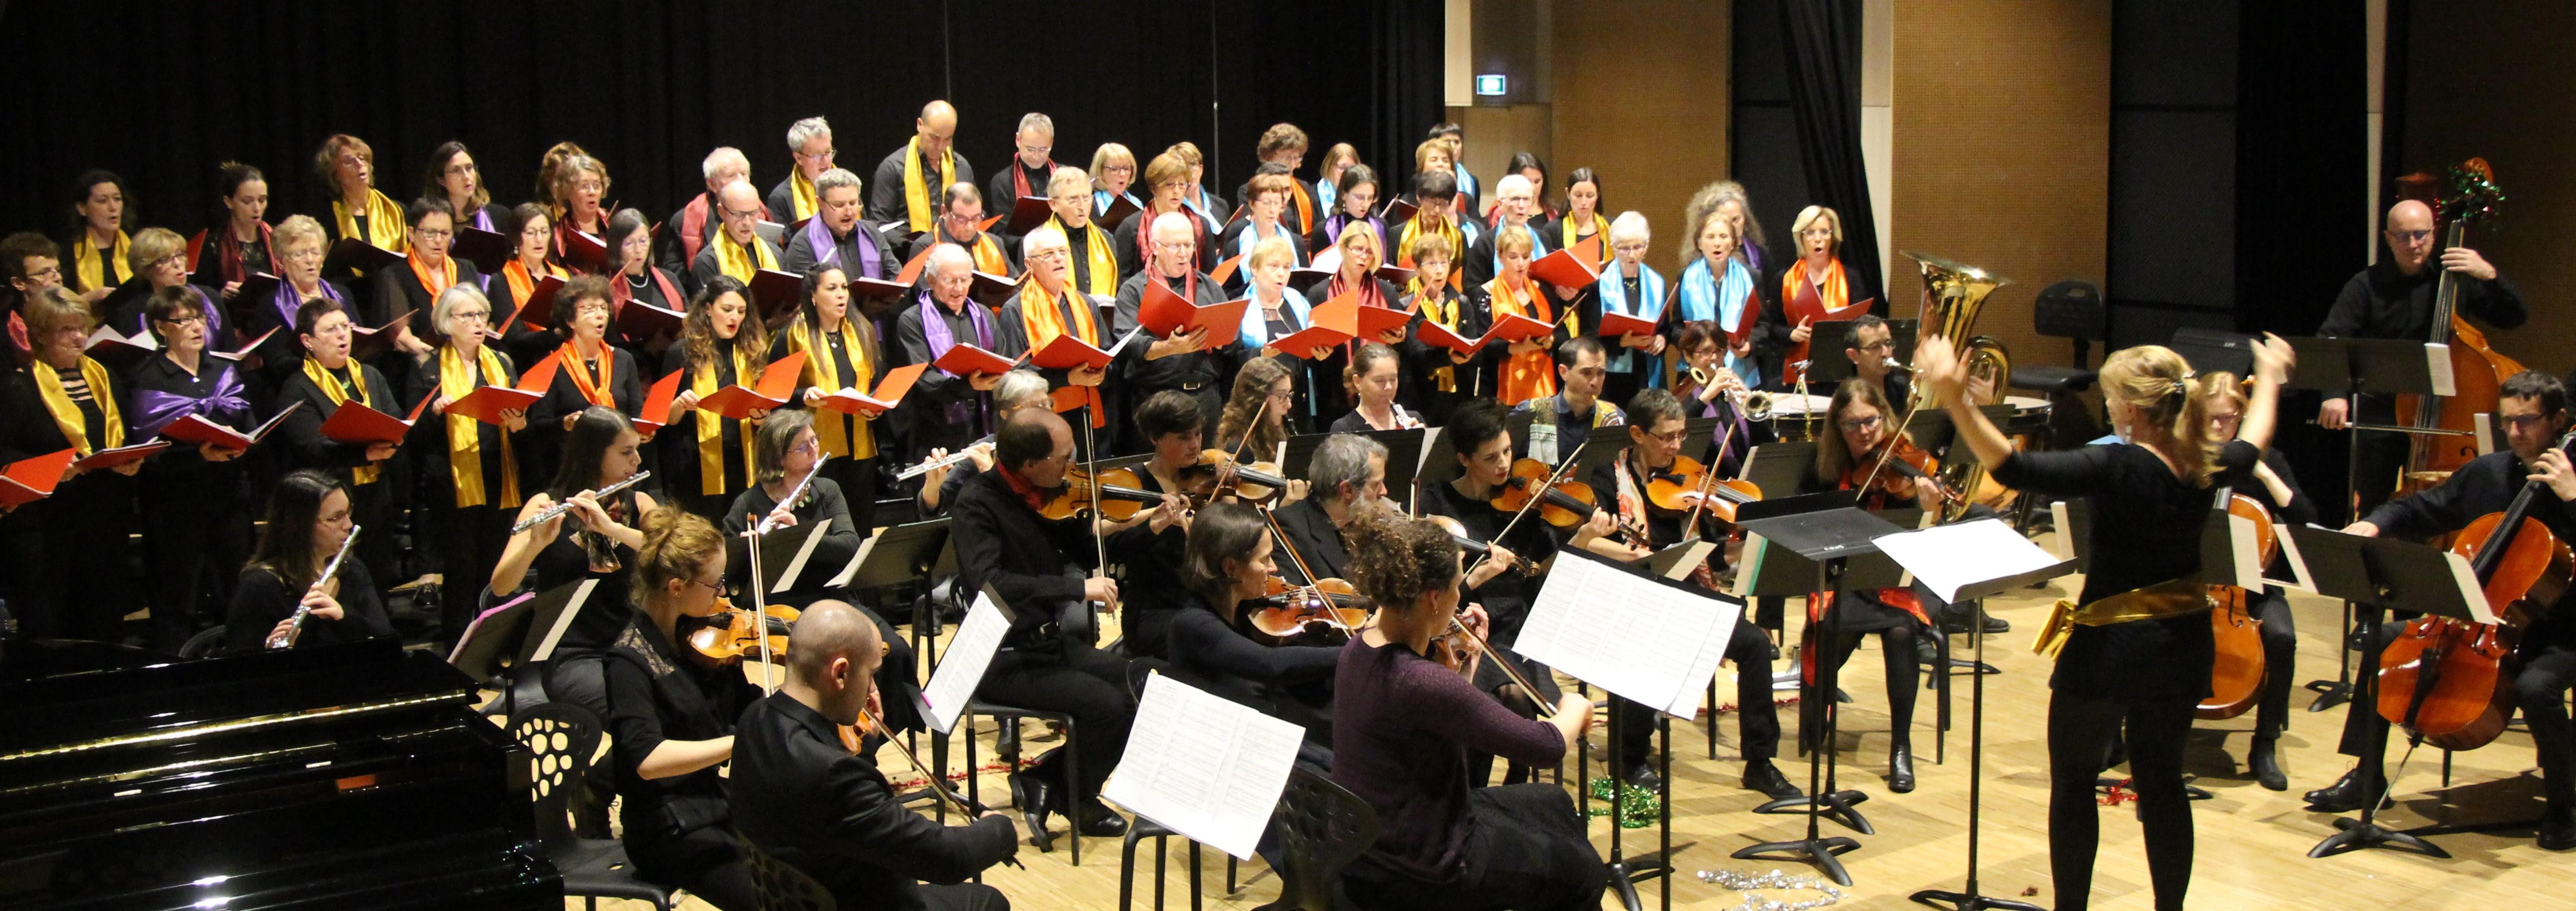 Symphonique & Chorale 2018